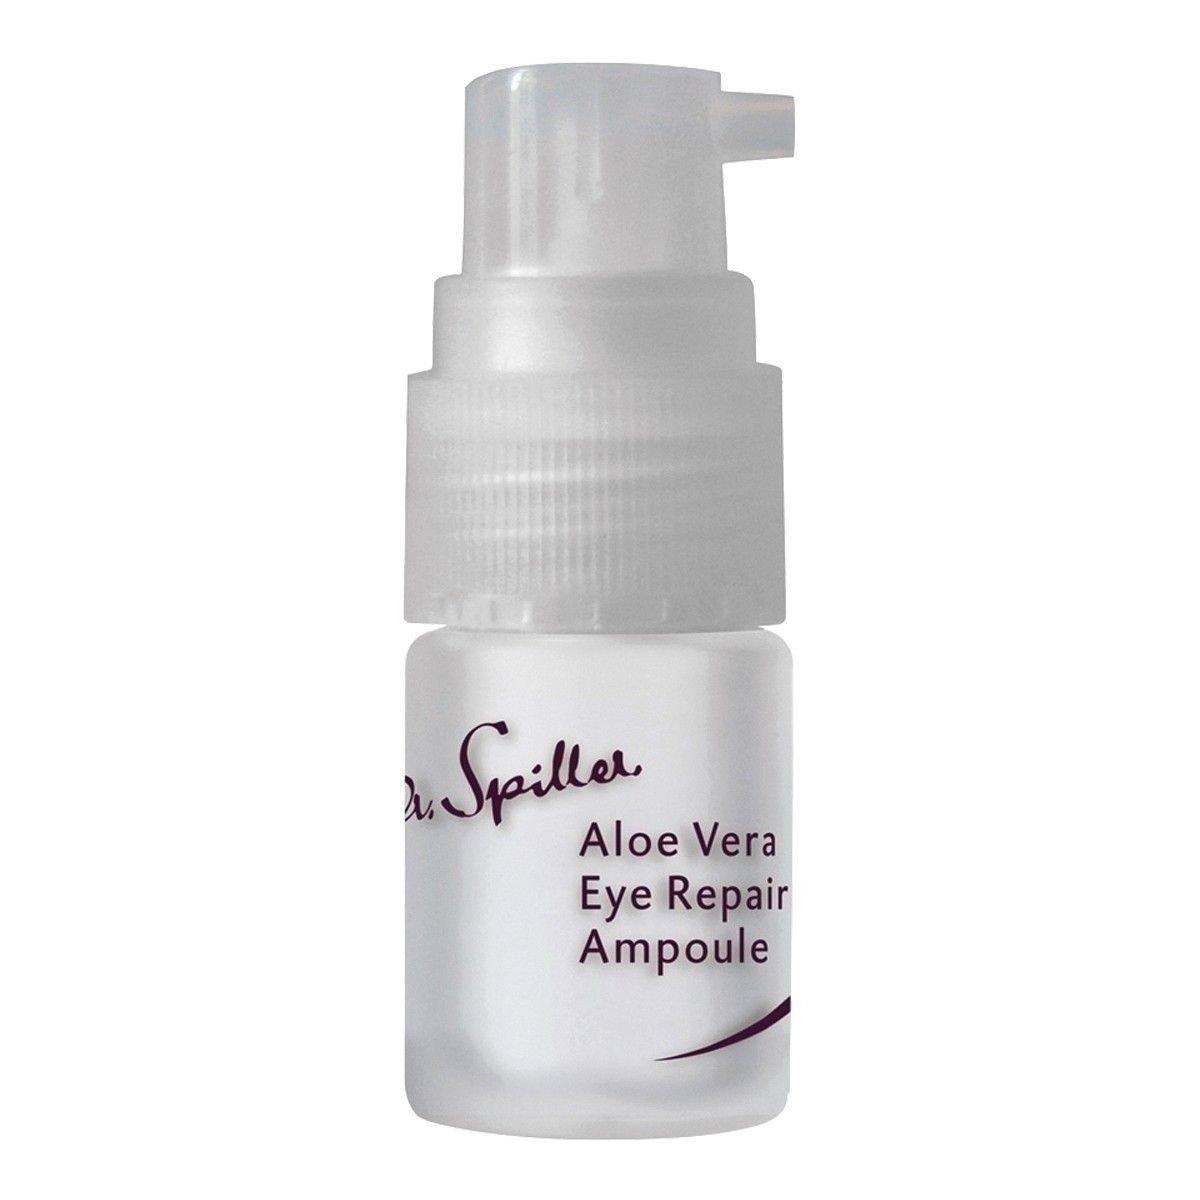 Afbeelding van Dr. Spiller Aloe Vera Eye Repair Ampouls Oogverzorging Beauty